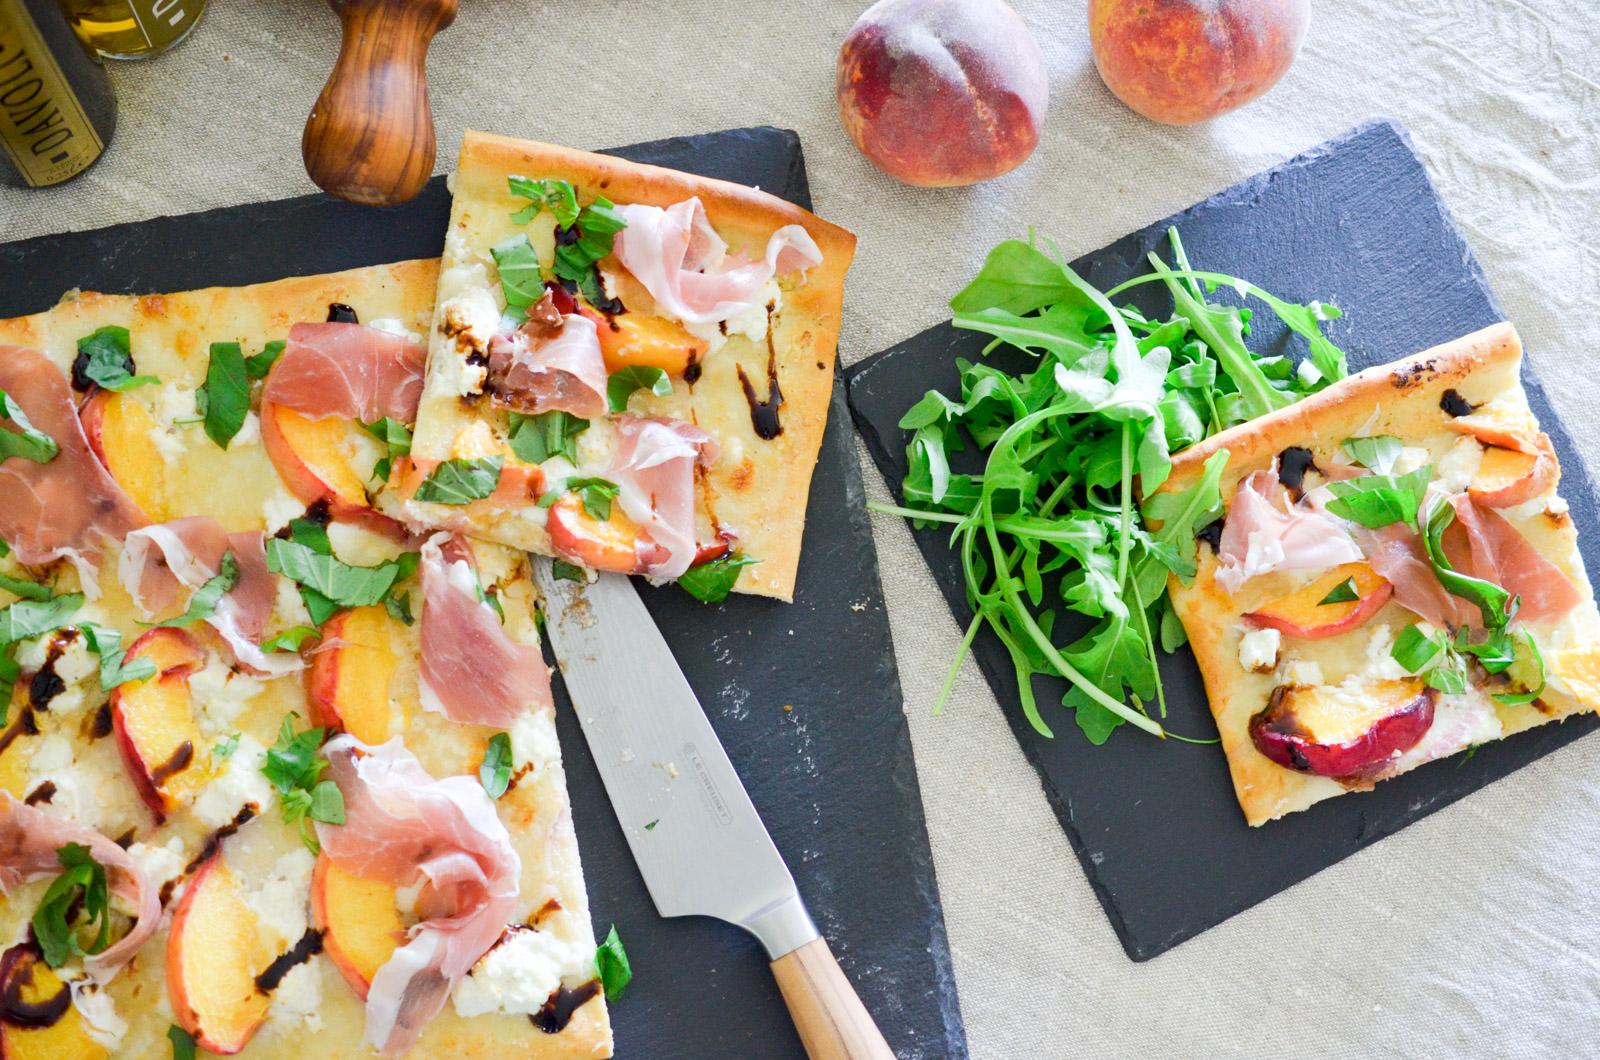 Pizza Peche Basilic Prosciutto 7 Sur 8